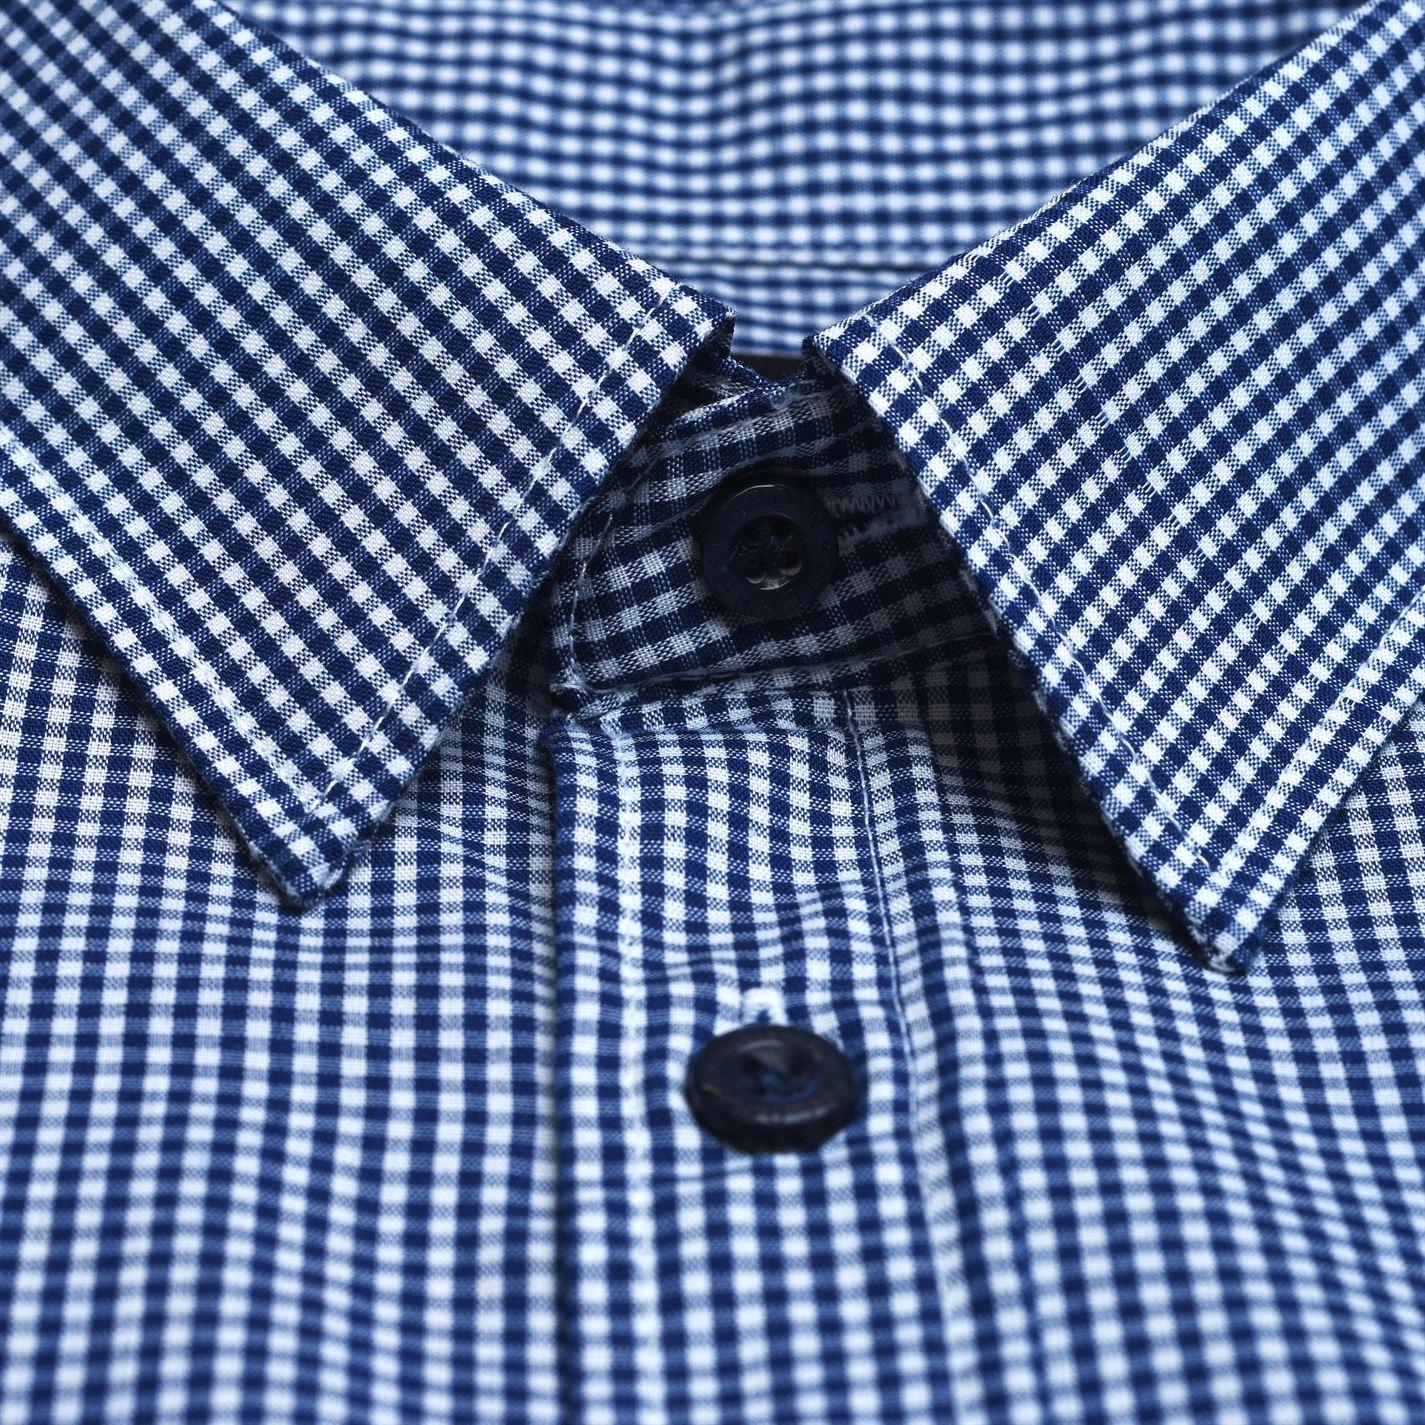 Koszula męska Pierre Cardin XL 41 42cm 17 wzorów 6307150652  SyV3h